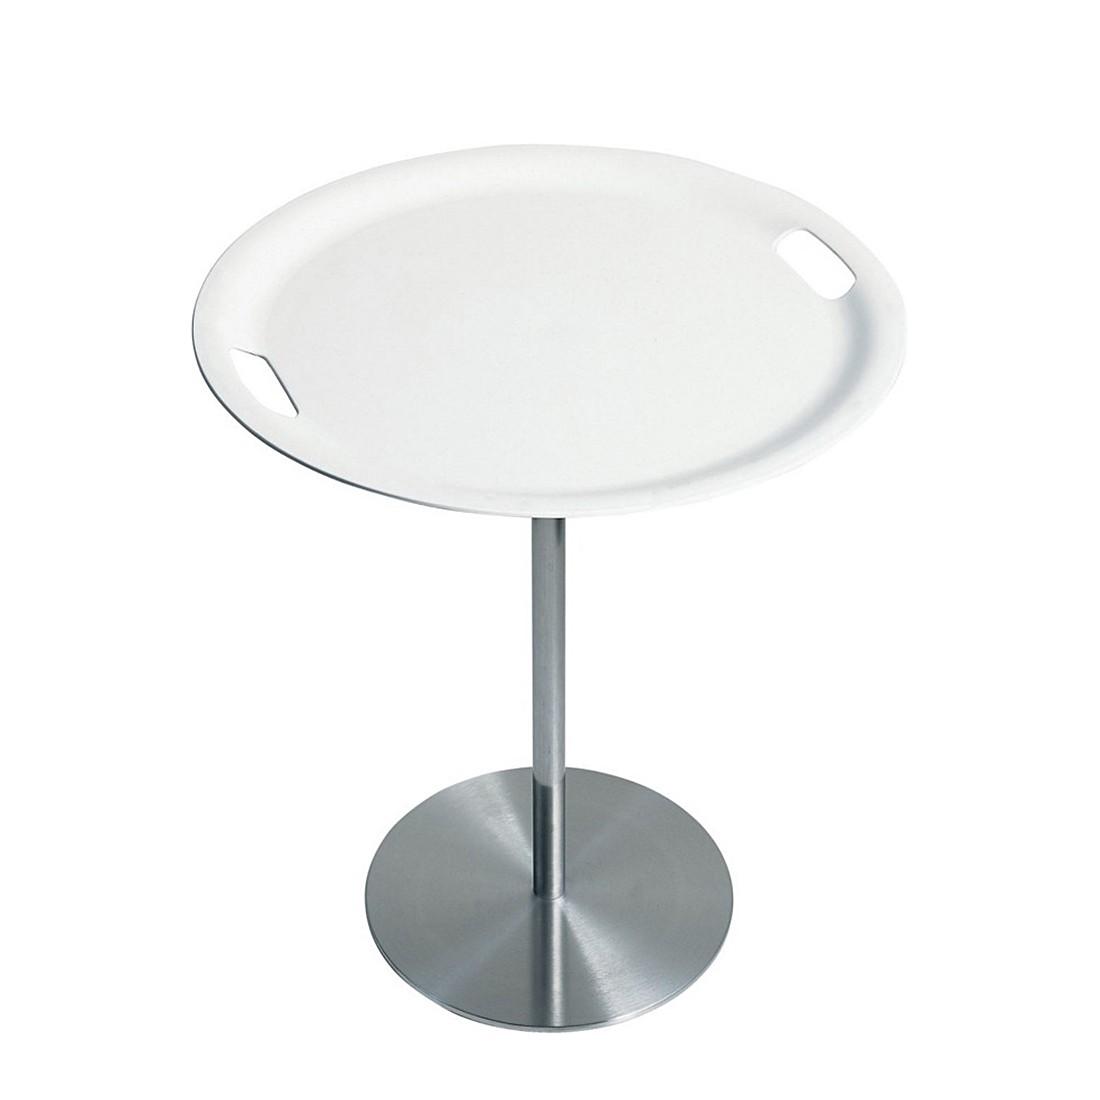 Platte Op-La Tischlein – weiß, Alessi günstig bestellen